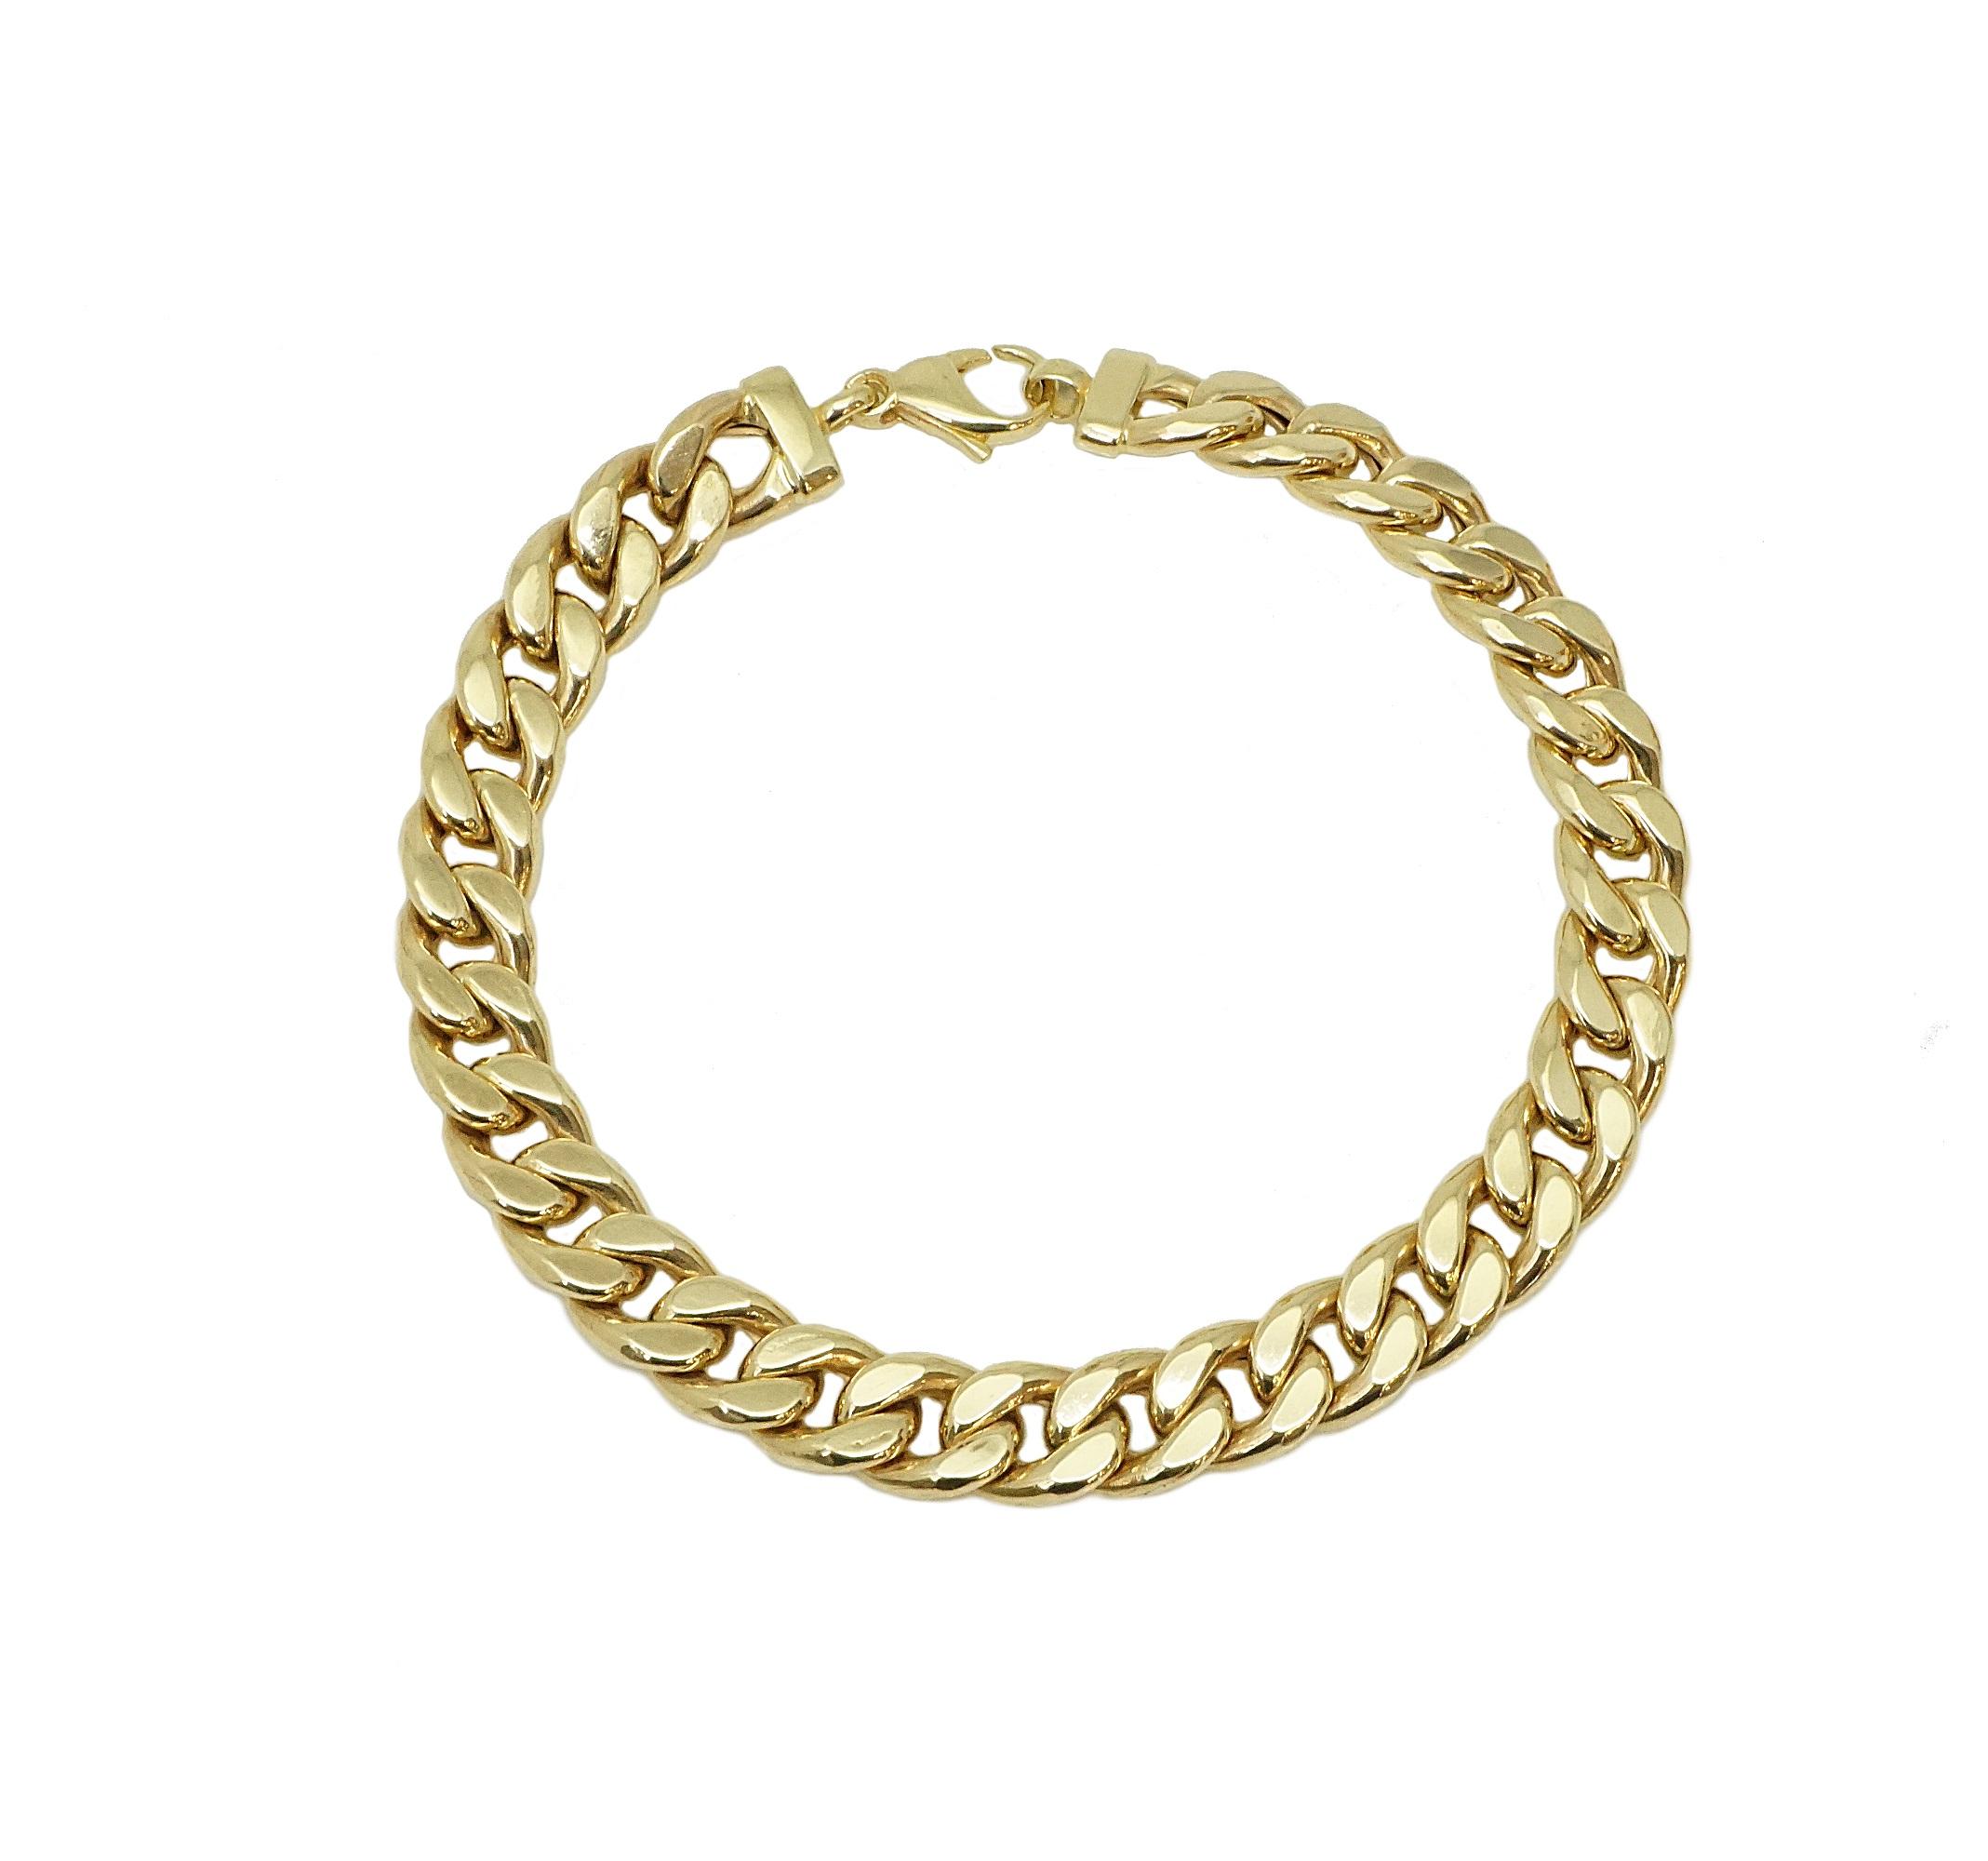 צמיד זהב קלאסי לאישה עשיר ויוקרתי